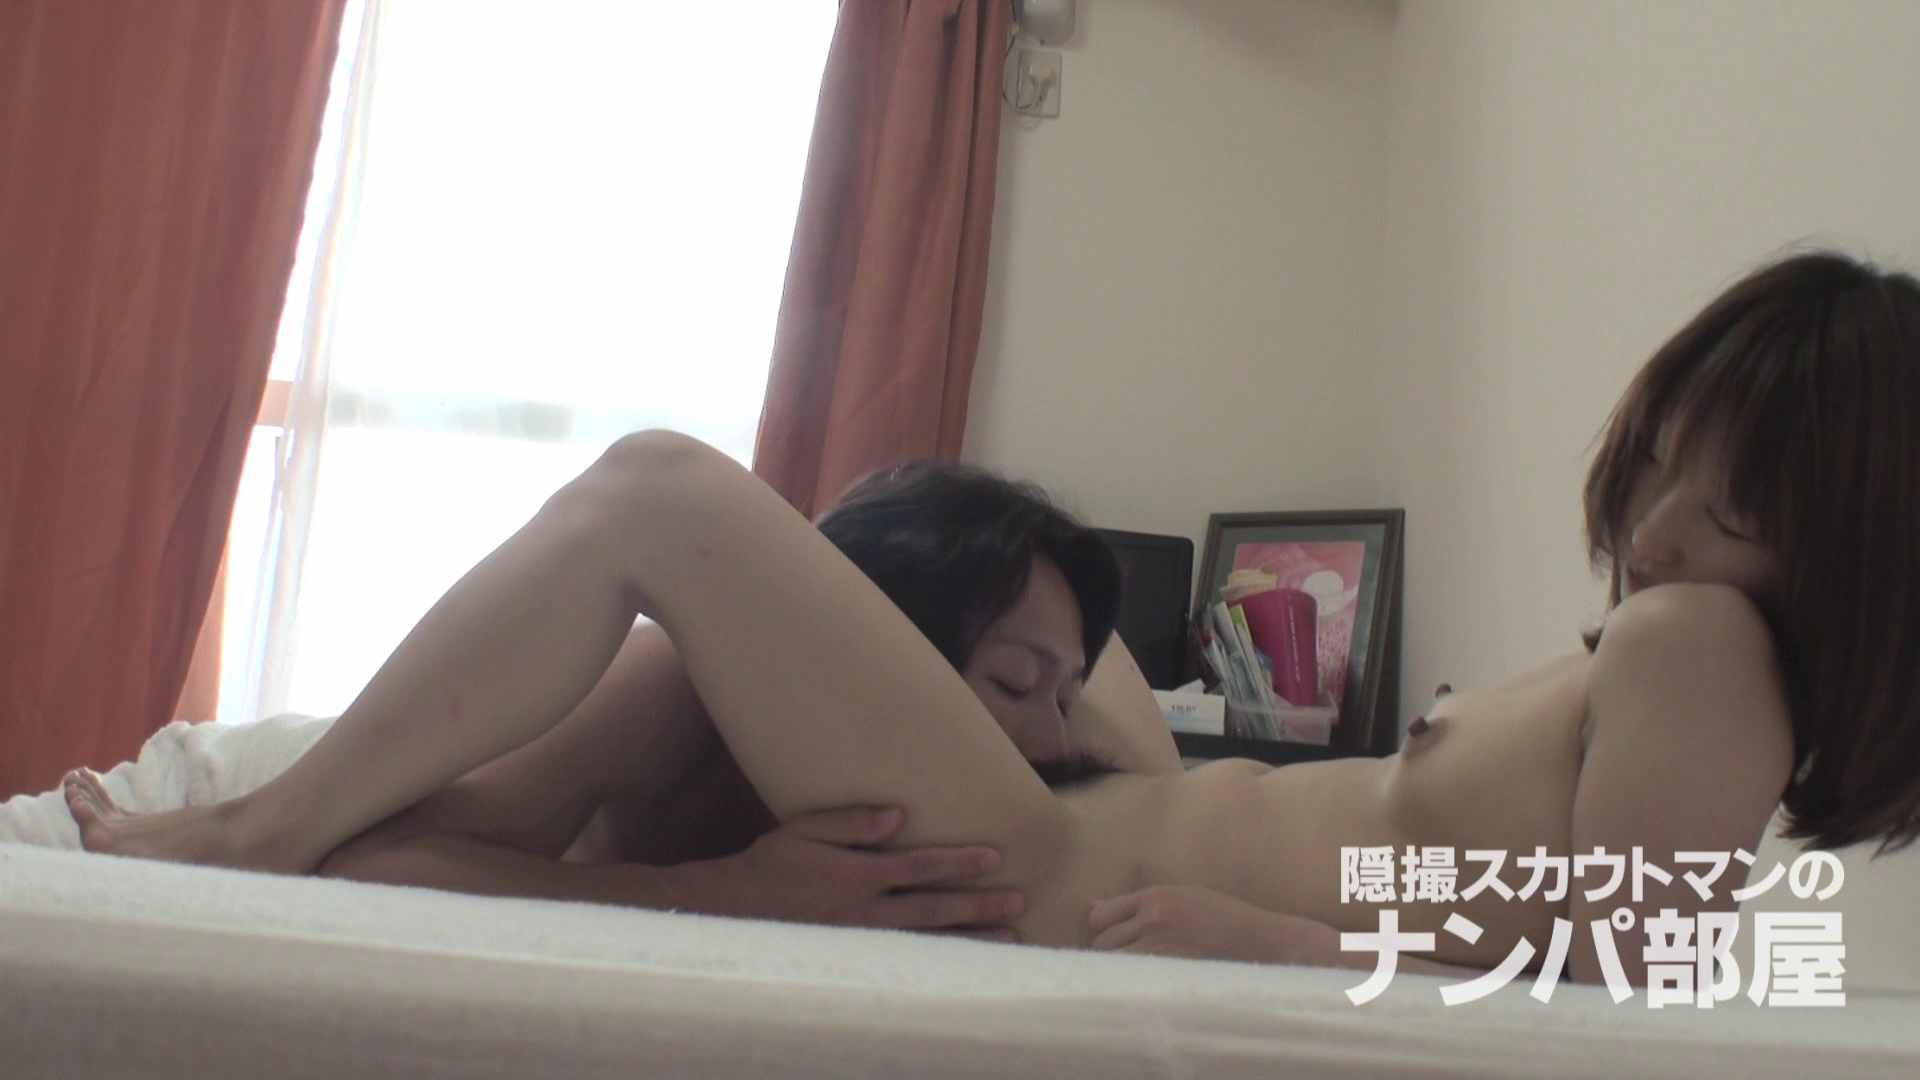 隠撮スカウトマンのナンパ部屋~風俗デビュー前のつまみ食い~ sii 脱衣所 | ナンパ  90連発 79